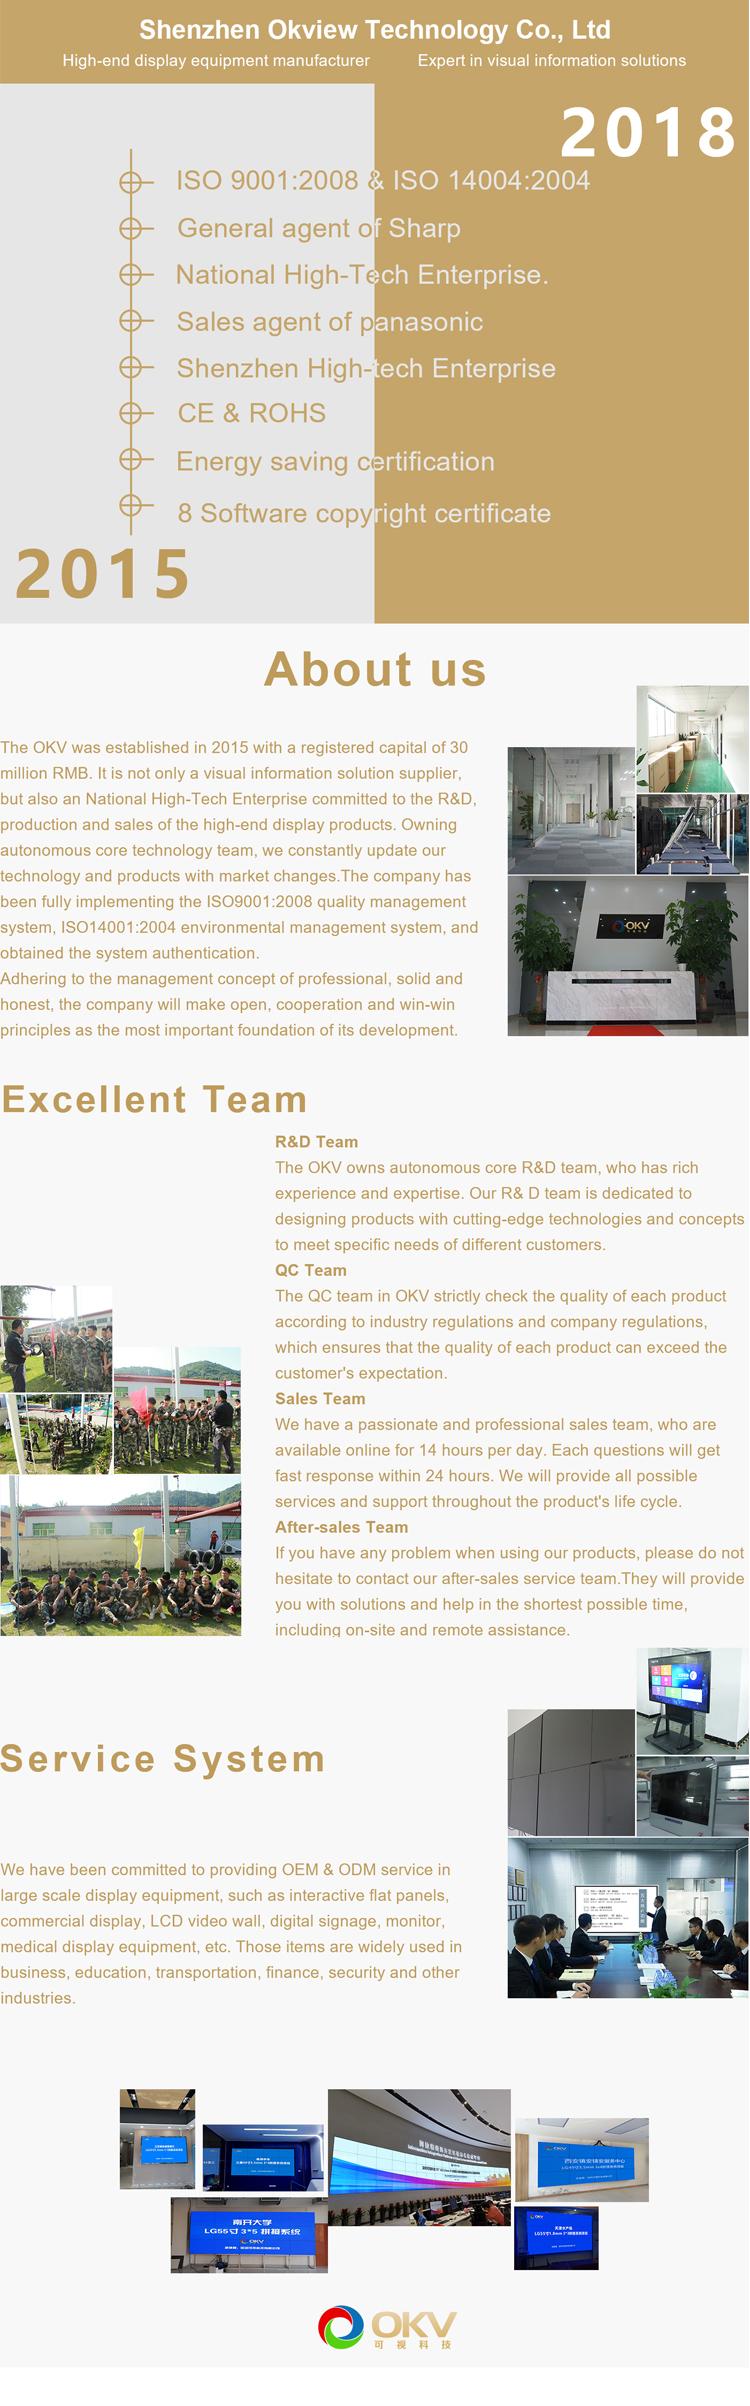 โรงงานราคาสมาร์ทไวท์บอร์ด 10 - point touch interactive แบน 70 นิ้ว 4 พัน